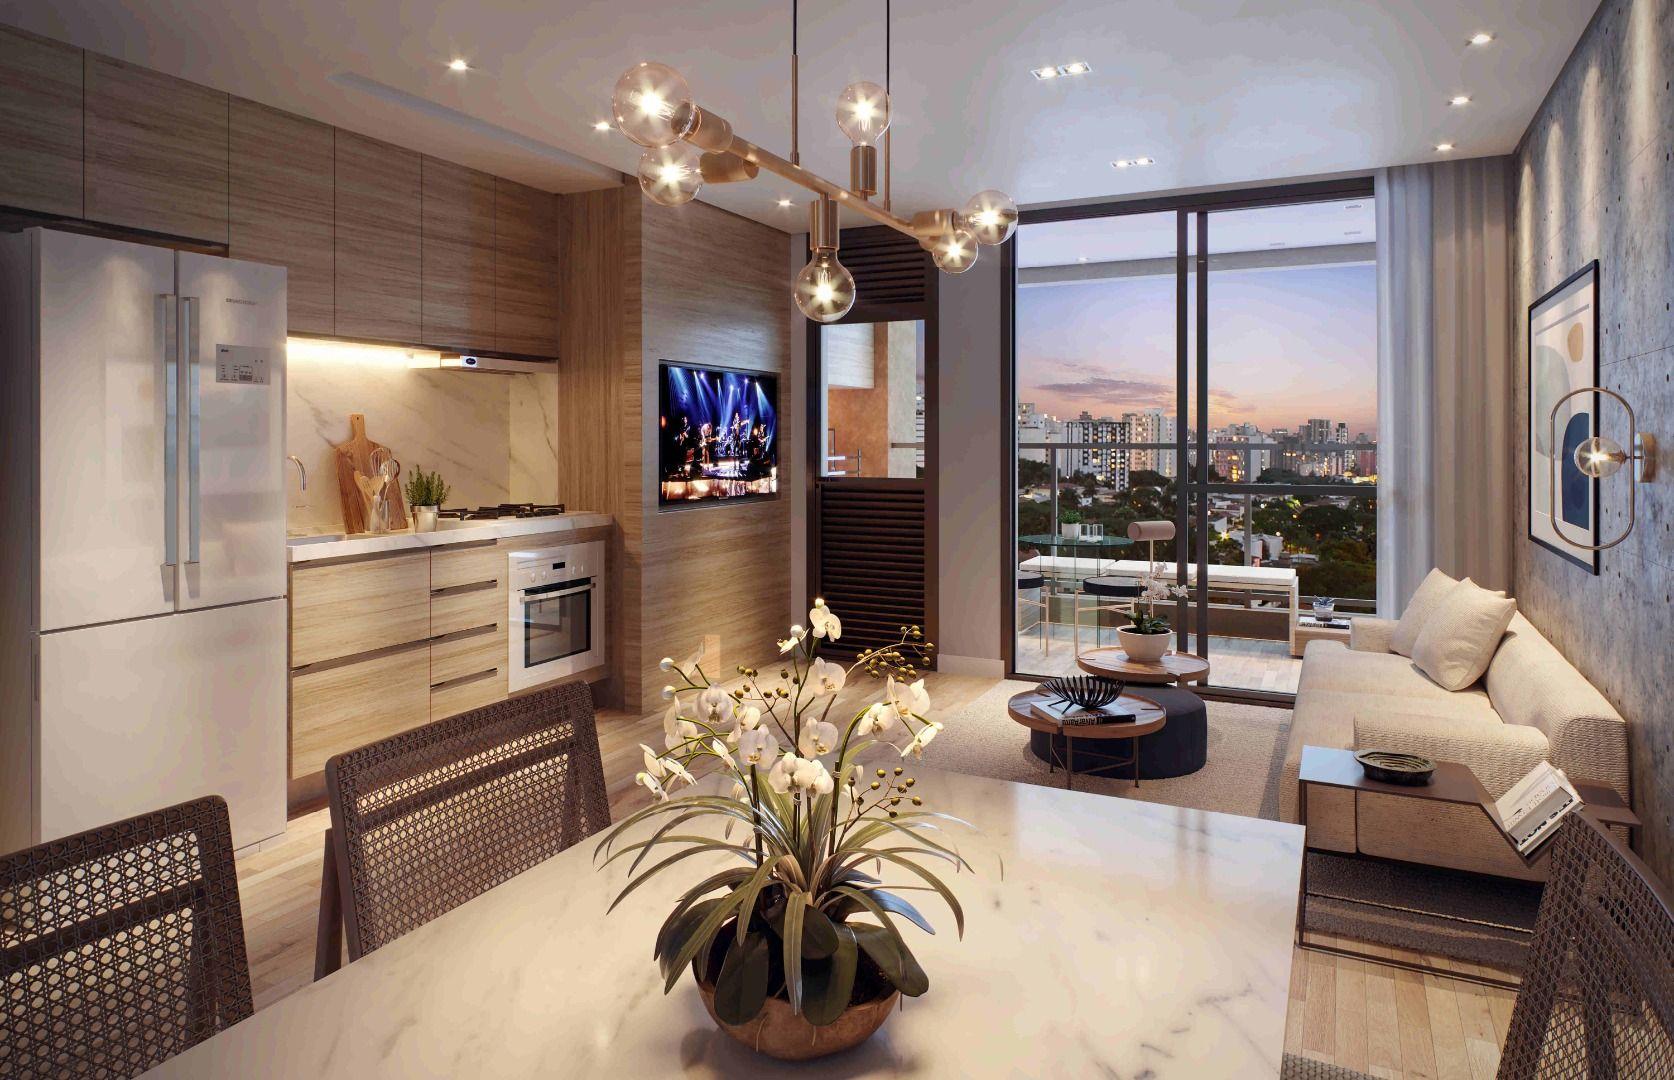 LIVING do apto de 66 m² com salas de estar e jantar integradas a cozinha. O interior do apartamento se conecta visualmente com a paisagem externa, as portas e guarda-corpo de vidro permitem a criação de uma vista sem barreiras.